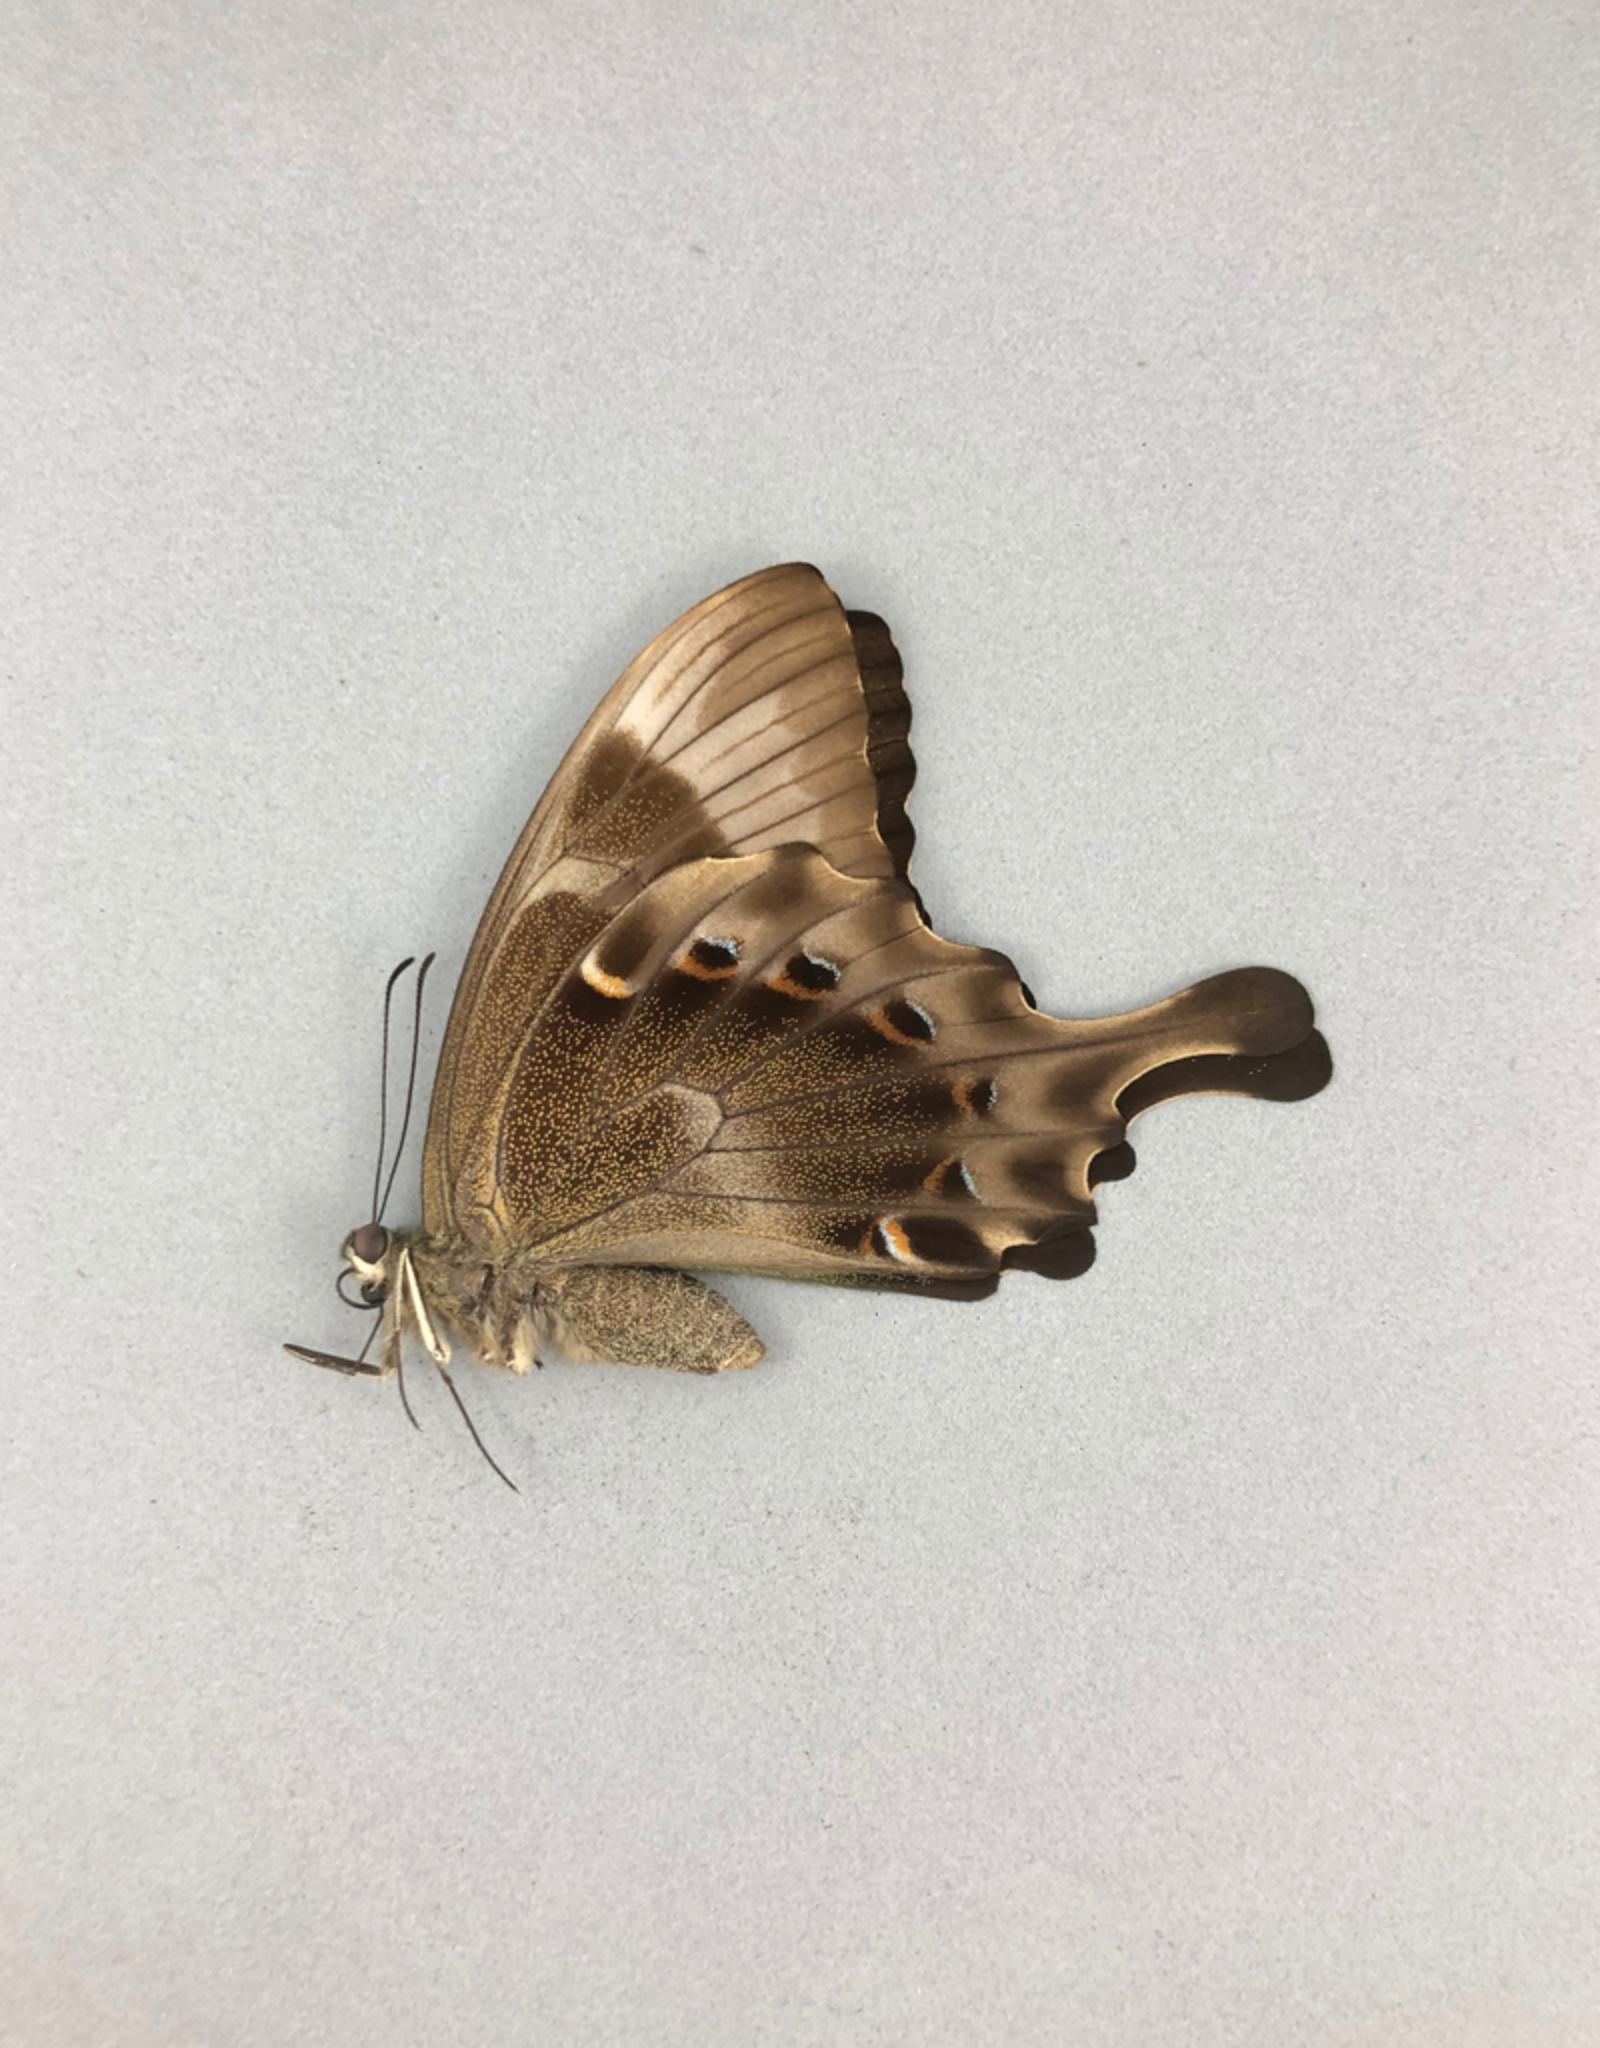 Papilio peranthus transiens F A1- Indonesia